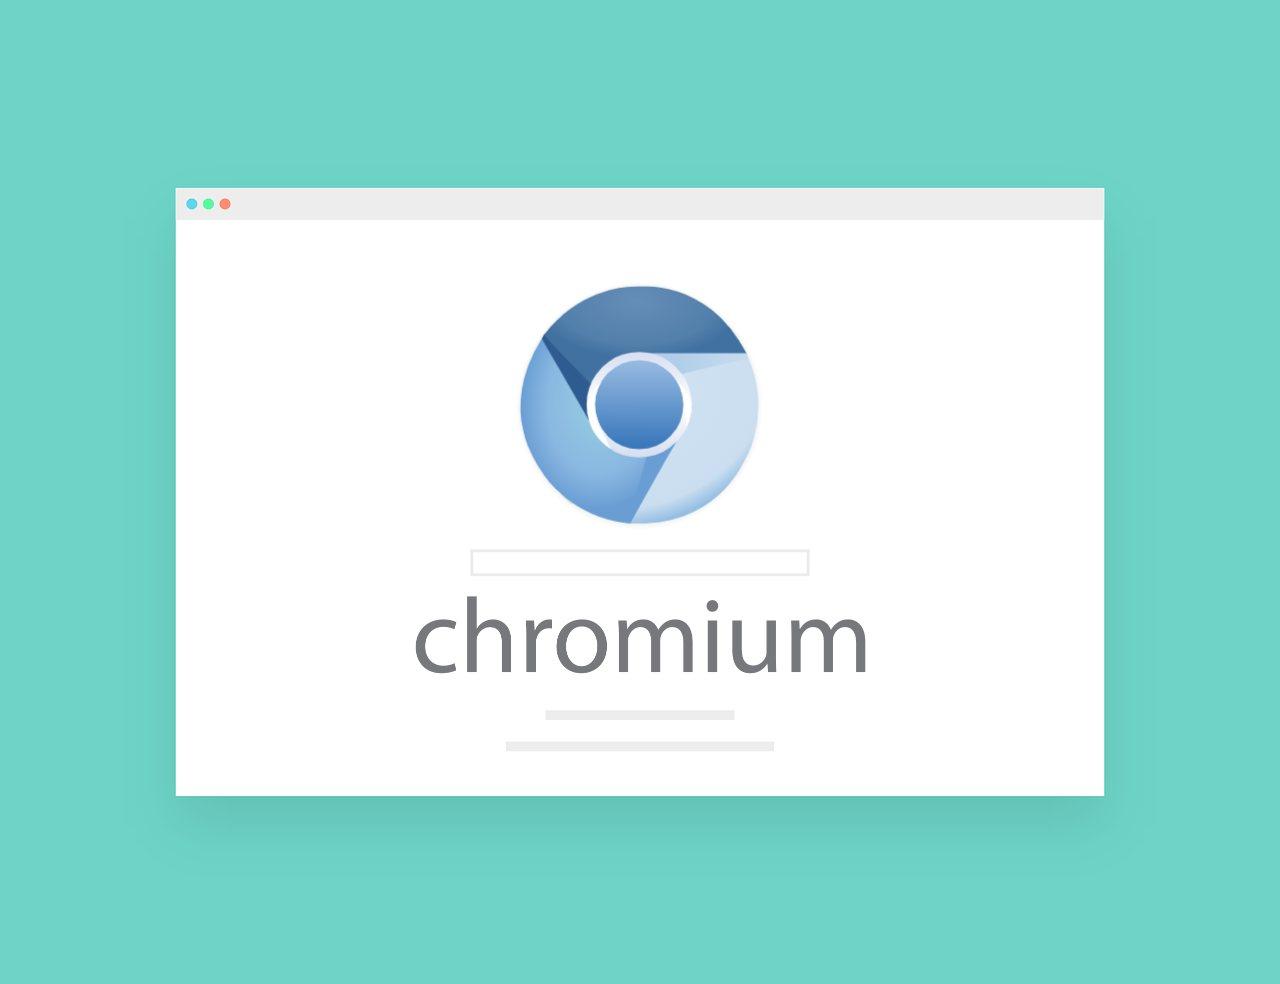 Chromium es un proyecto de software de código abierto gratuito